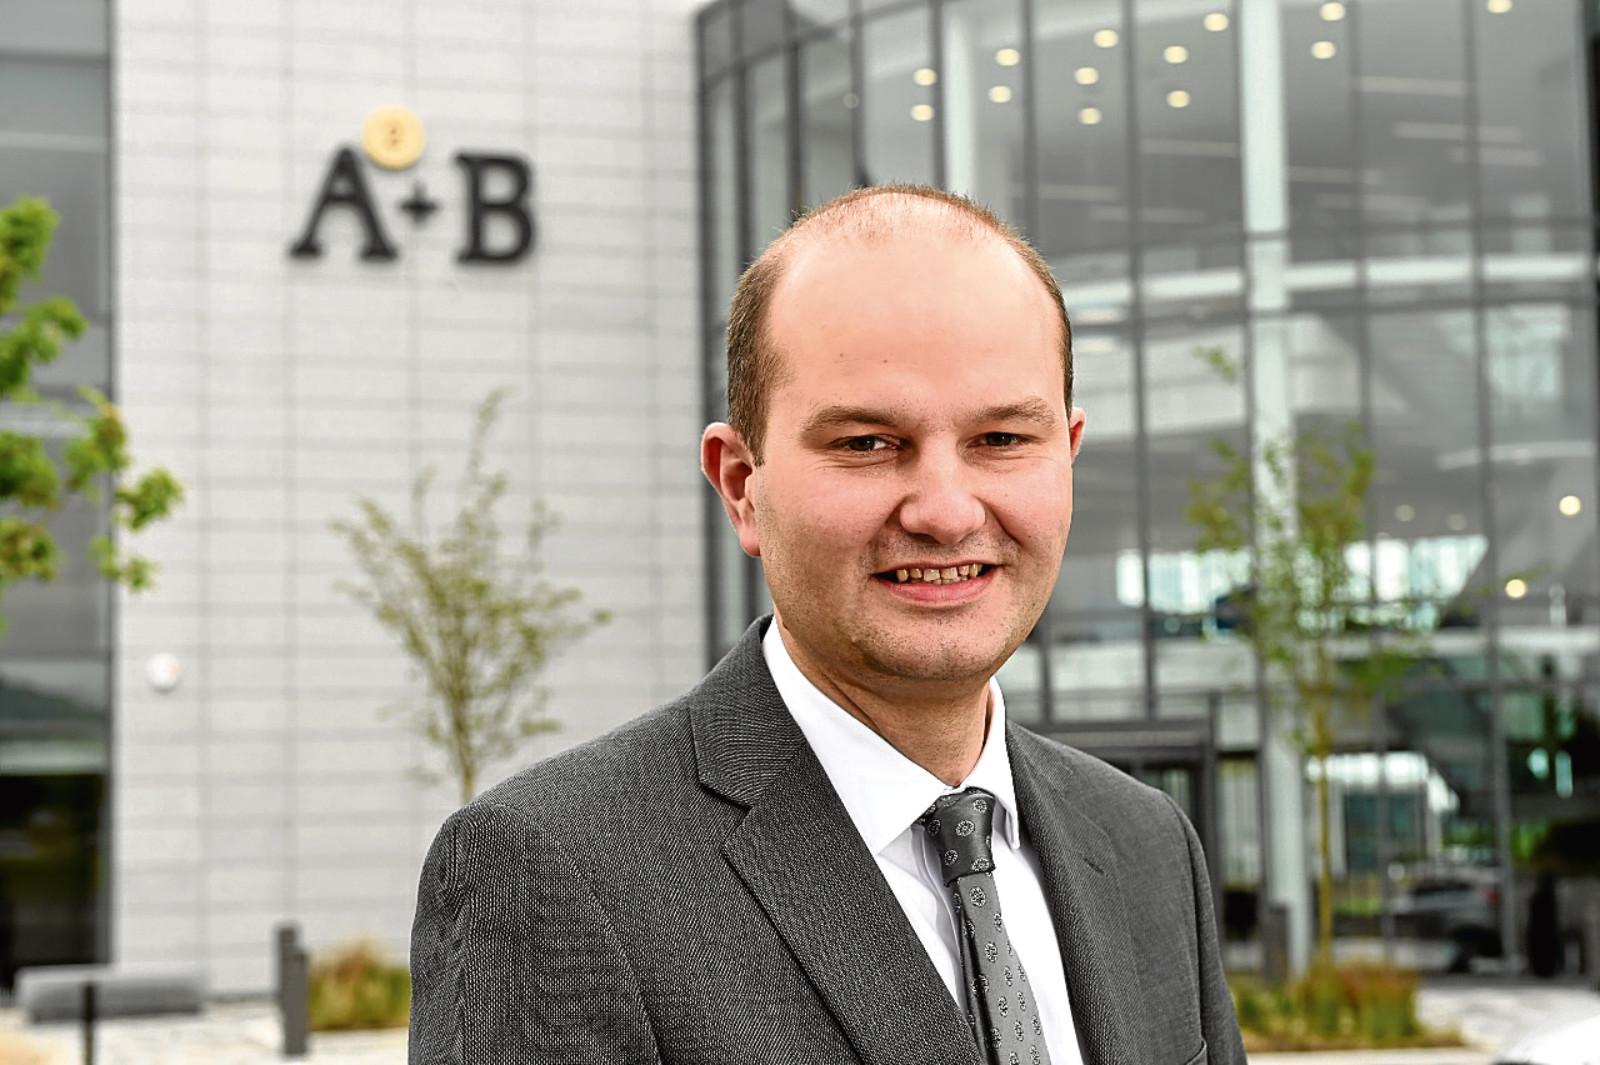 Anderson Anderson & Brown, Head of Corporate Finance Douglas Martin